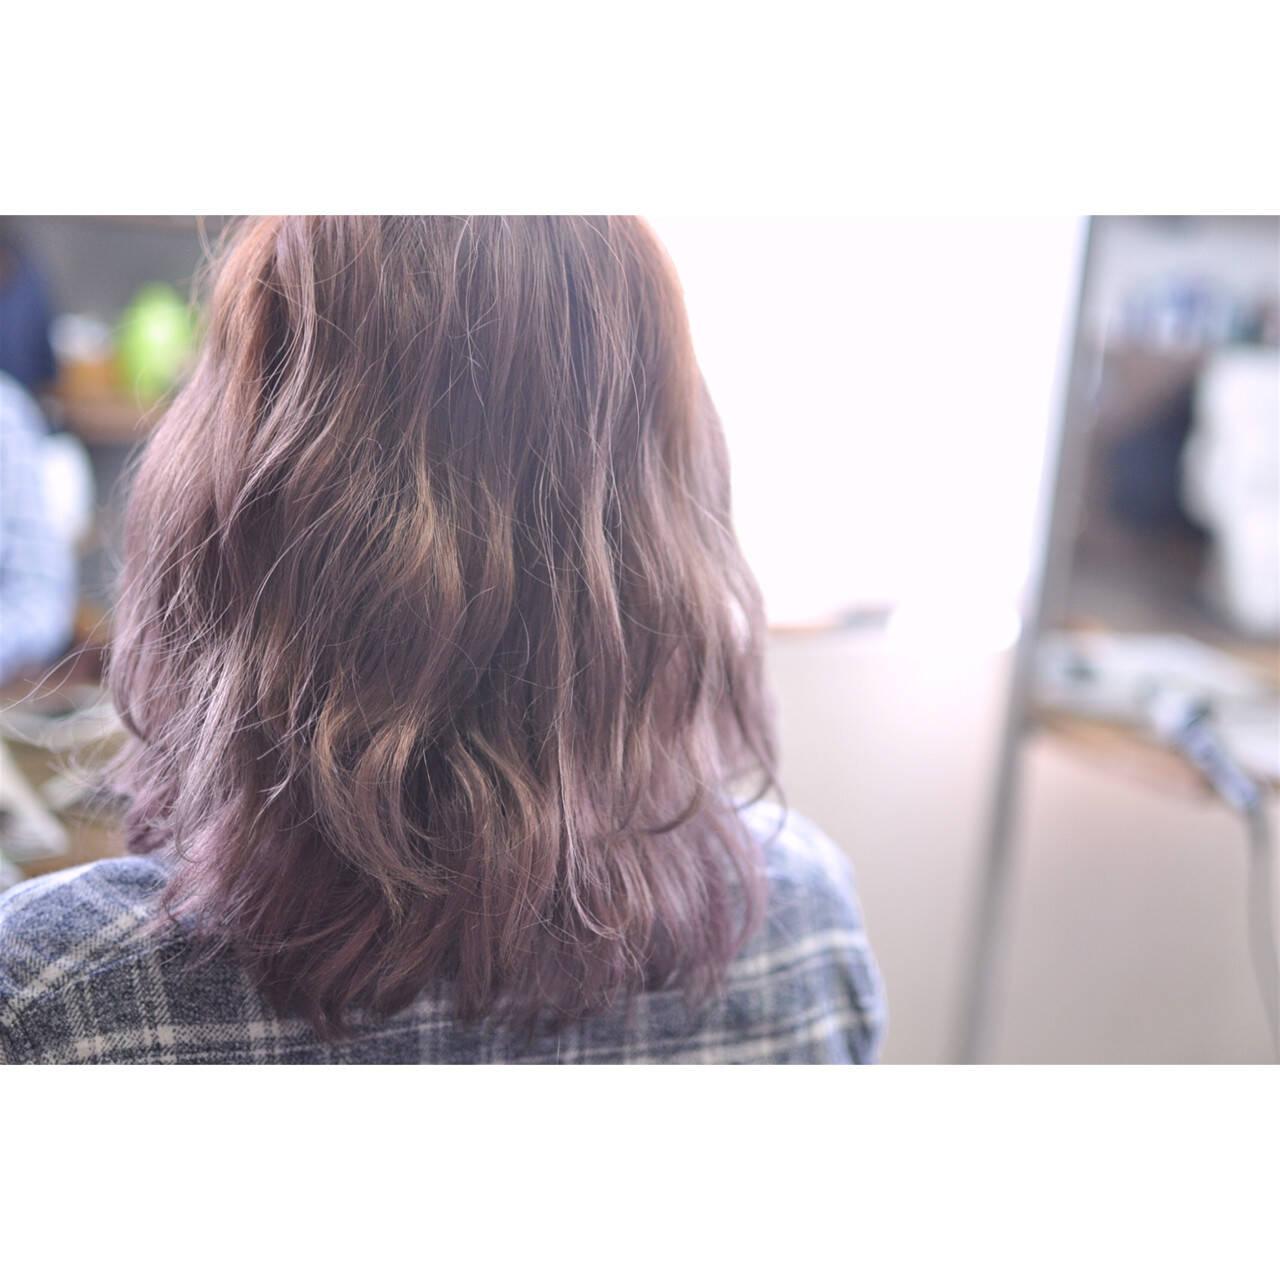 ボブ 外国人風カラー 透明感 グラデーションカラーヘアスタイルや髪型の写真・画像